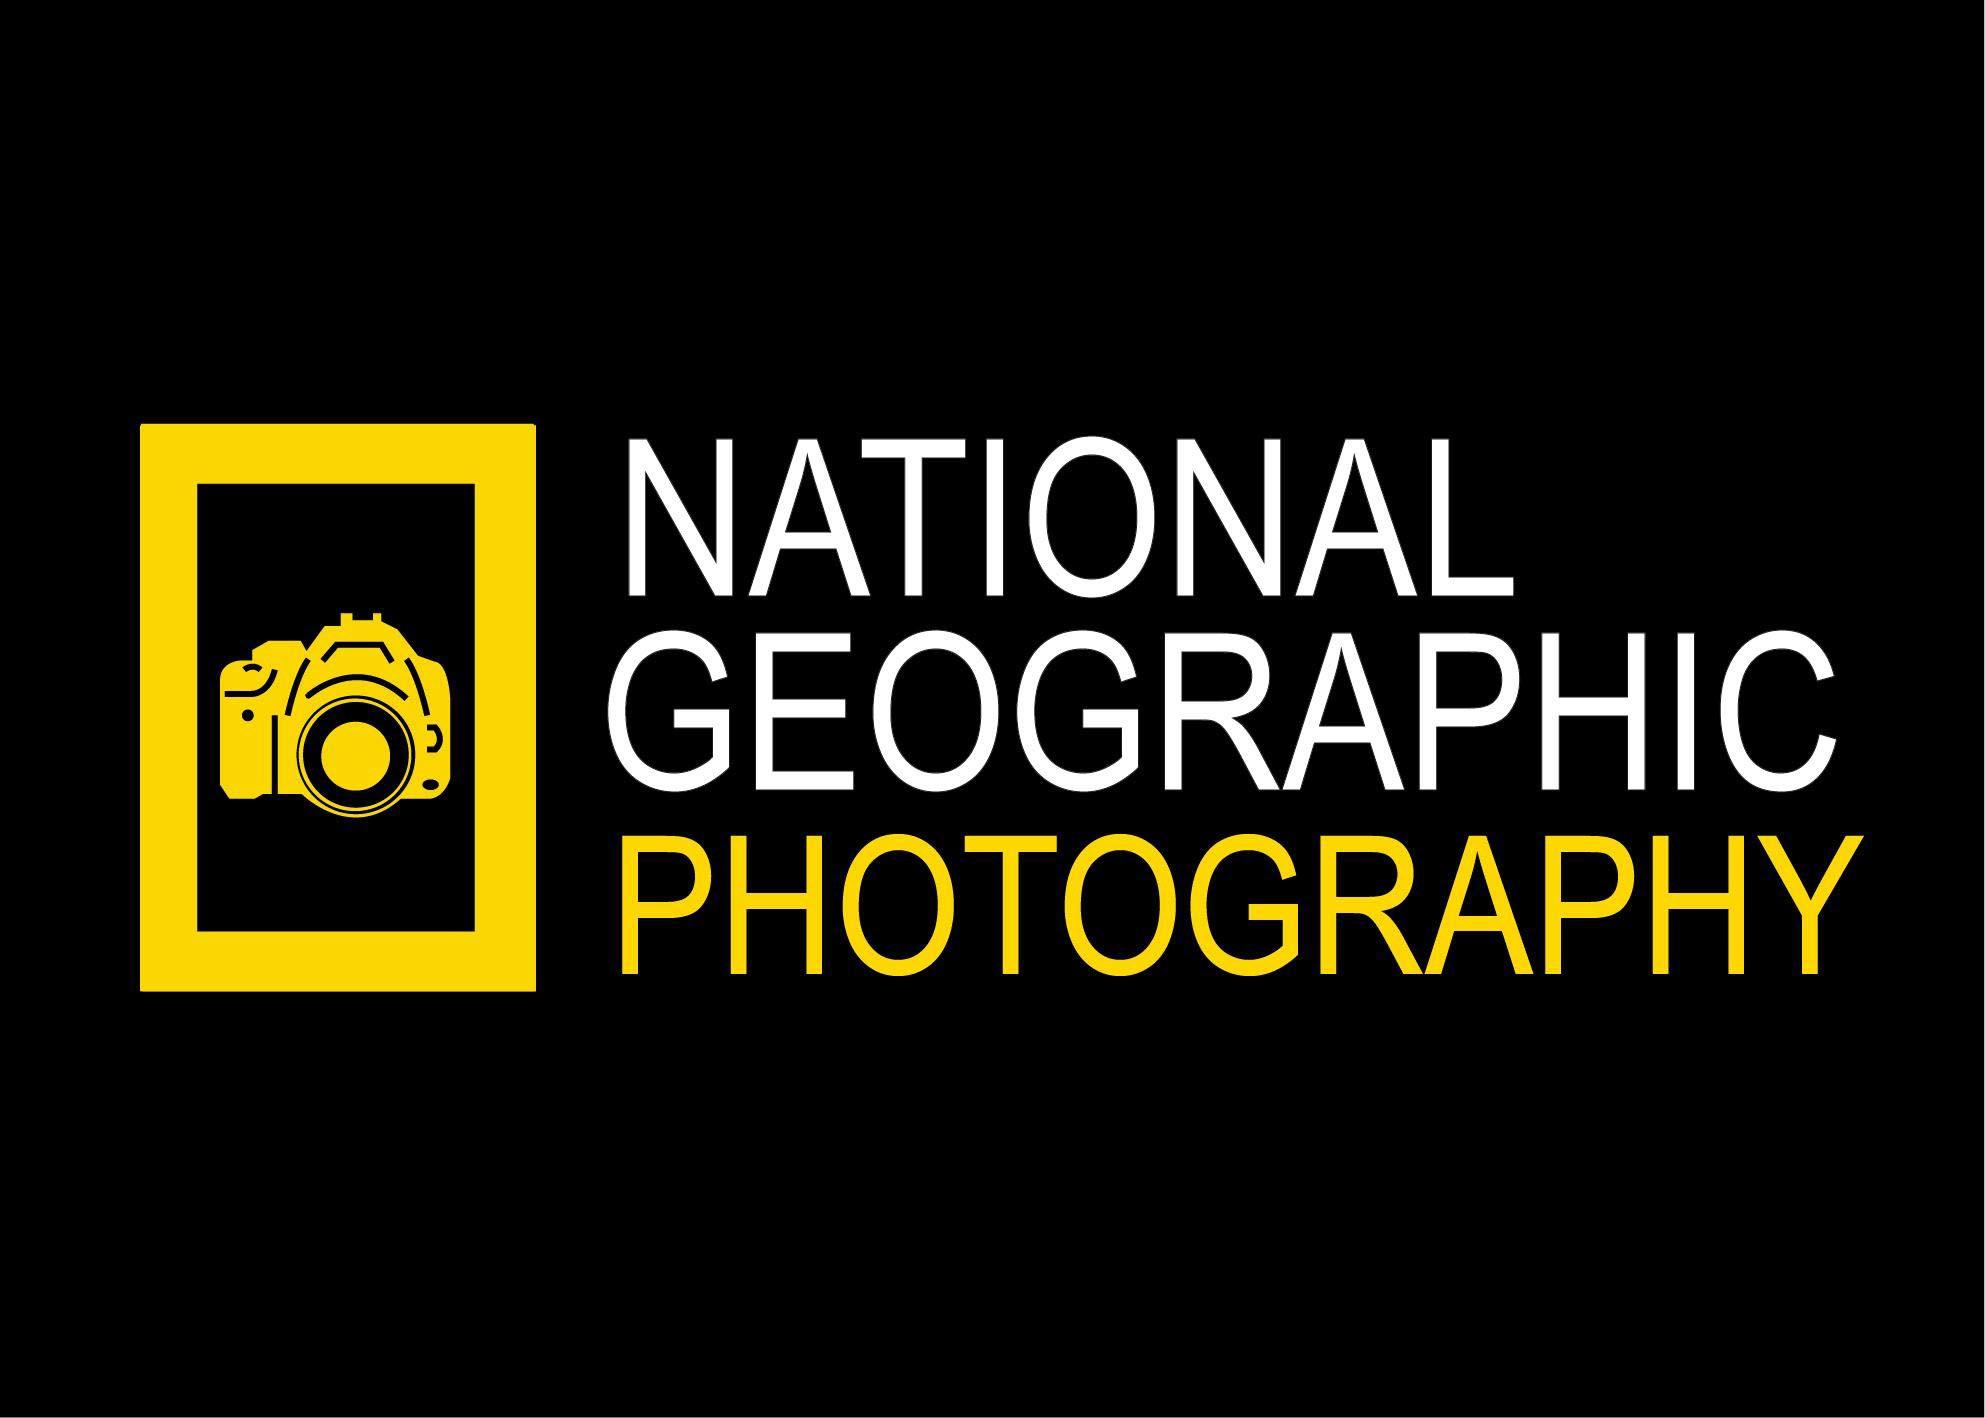 عکسهای برگزیده نشنال جئوگرافیک 2018 معرفی شدند + تصاویر